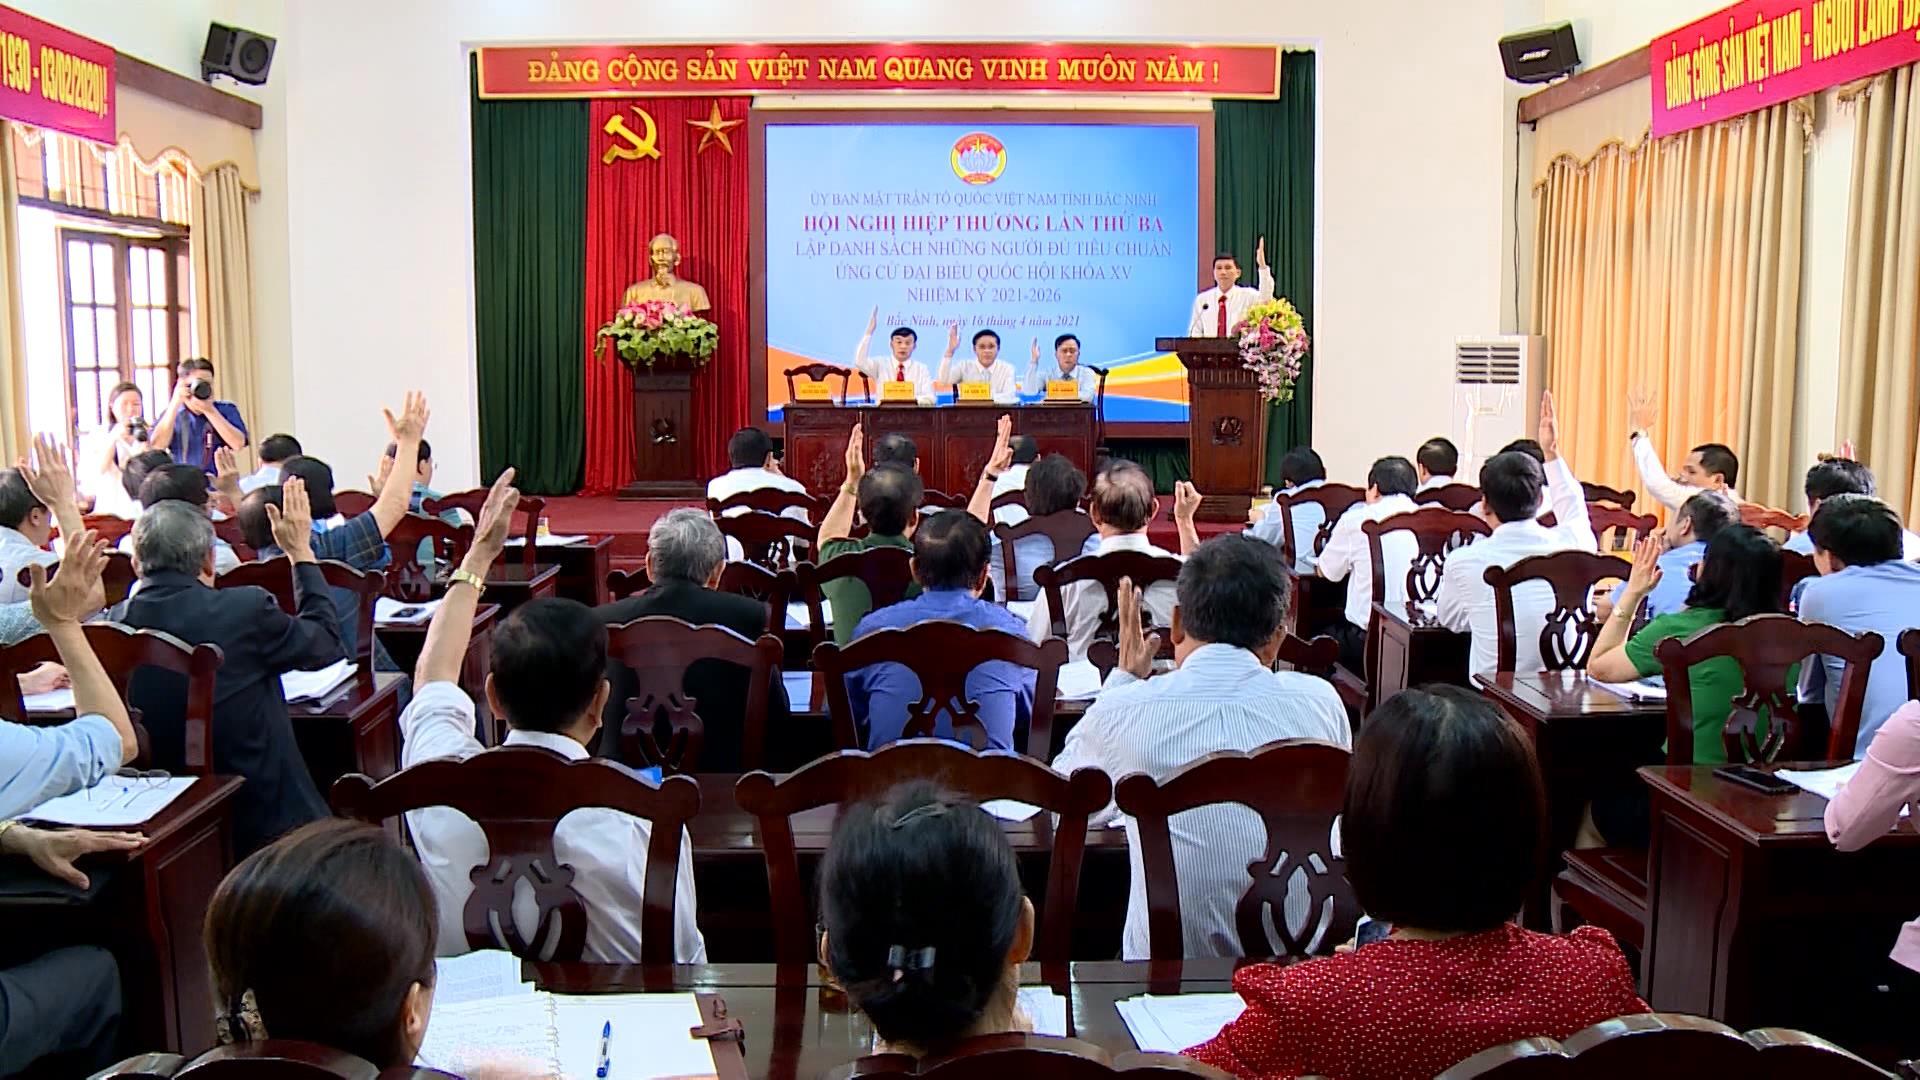 Tỉnh Bắc Ninh tổ chức Hội nghị Hiệp thương lần ba